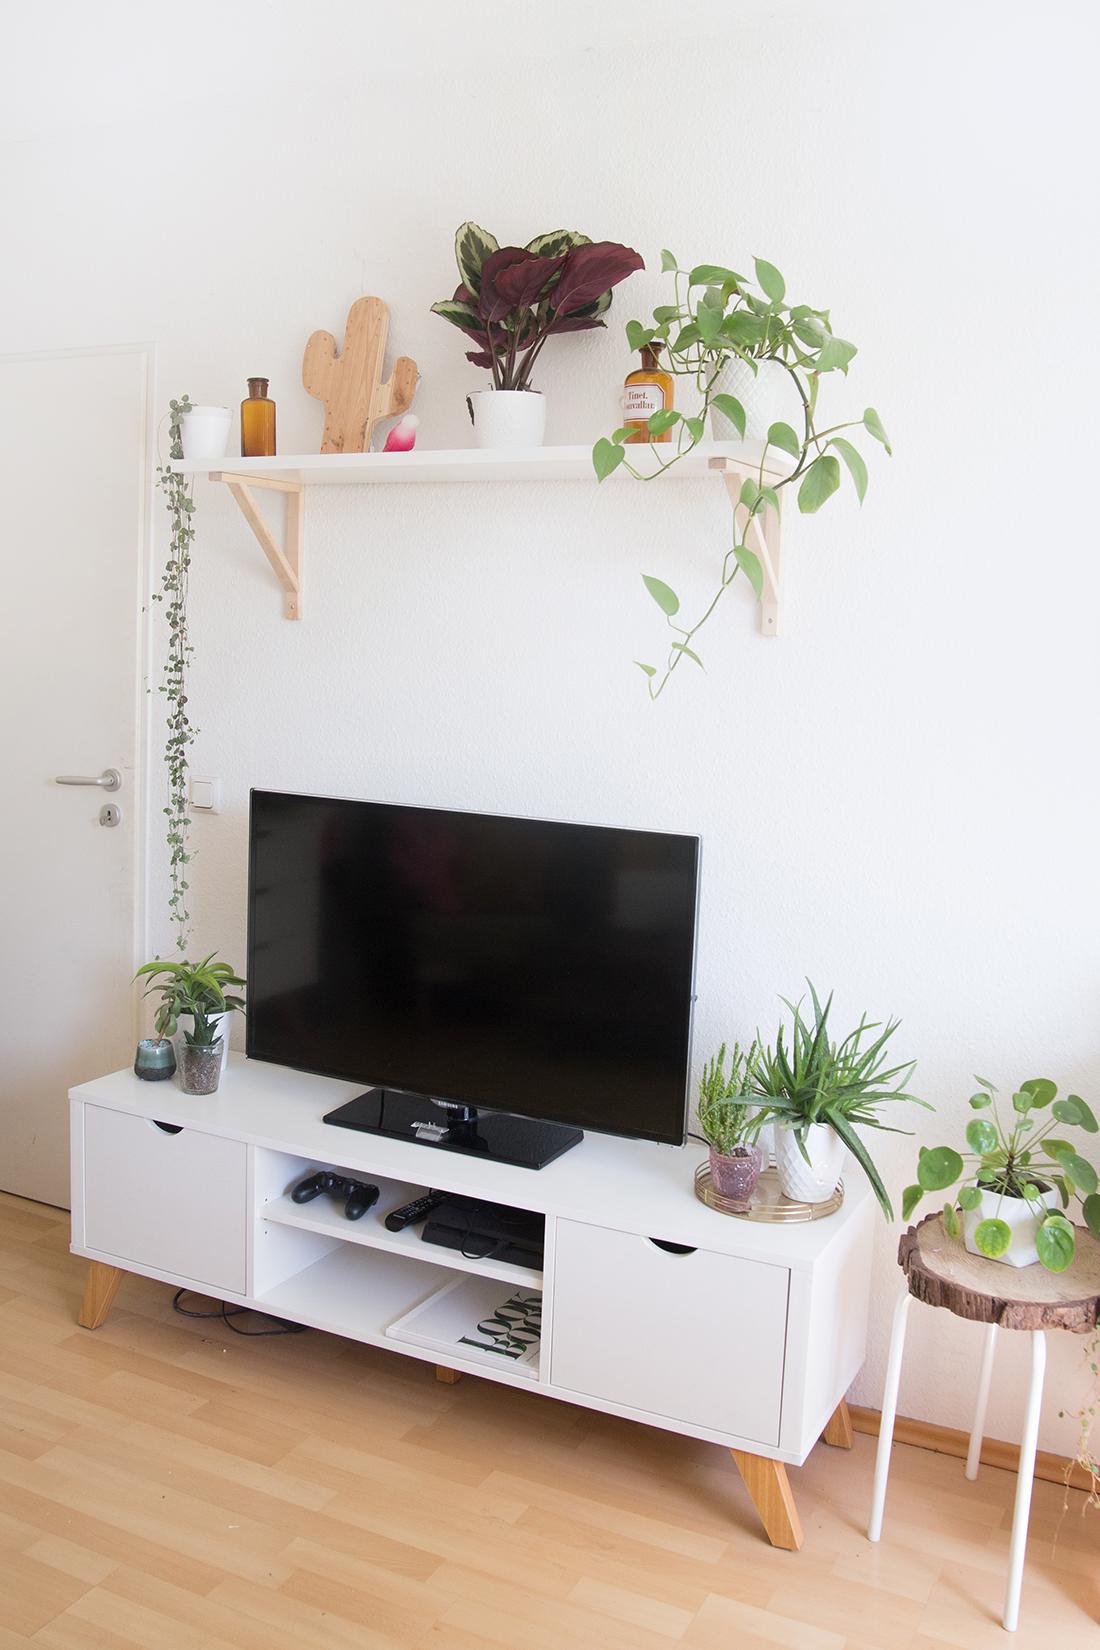 Wohnzimmer Umstyling mit viel DIY Deko | mein feenstaub